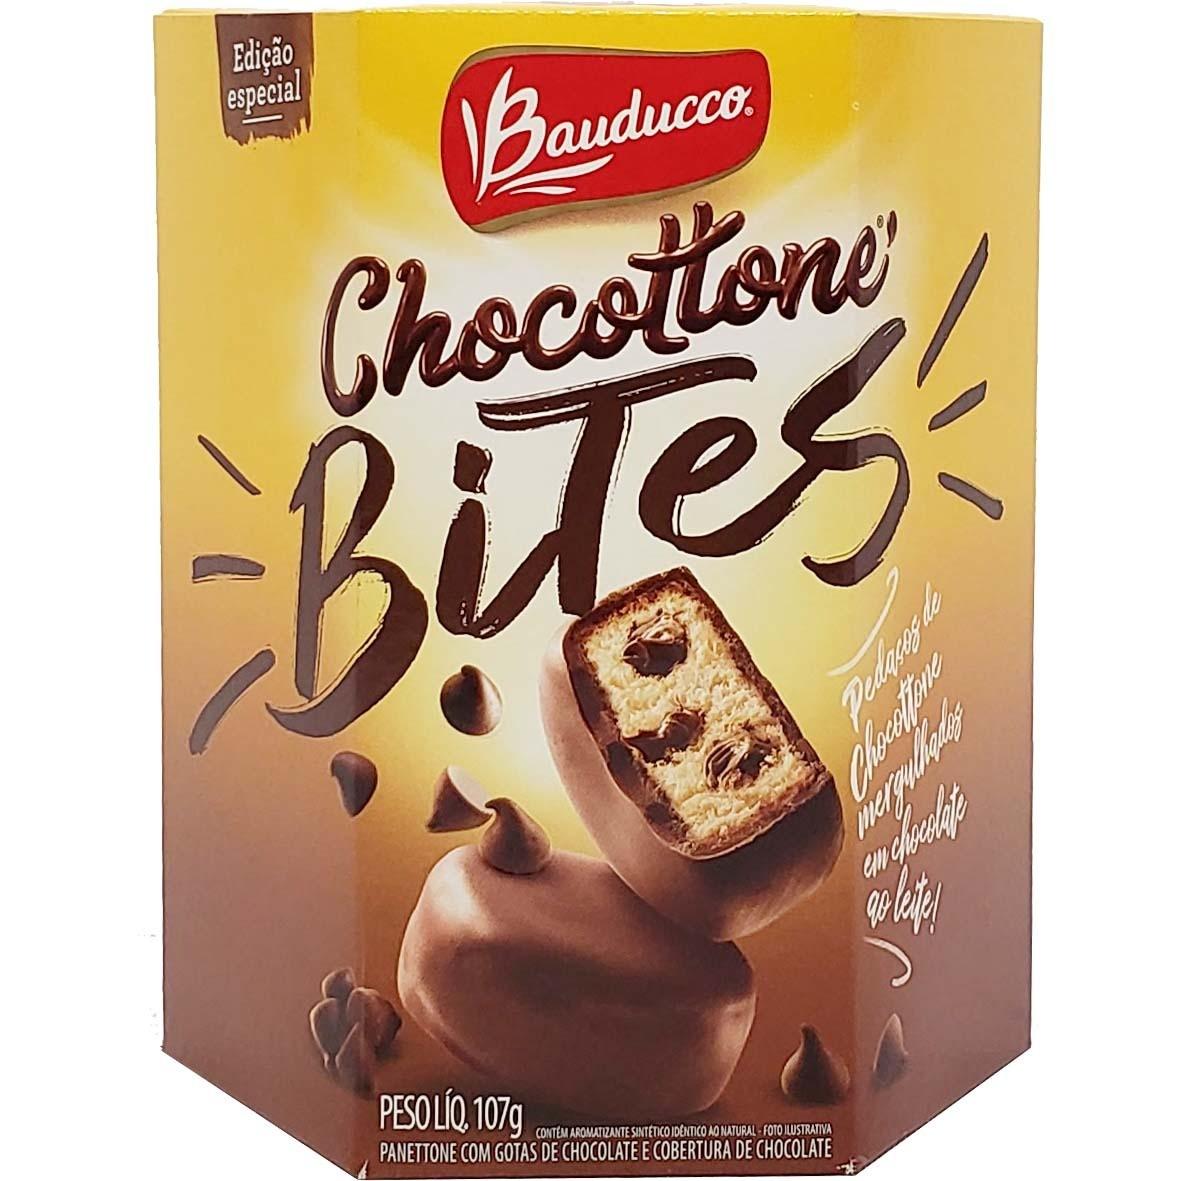 Chocottone Bites com Cobertura de Chocolate Bauducco - 107g -